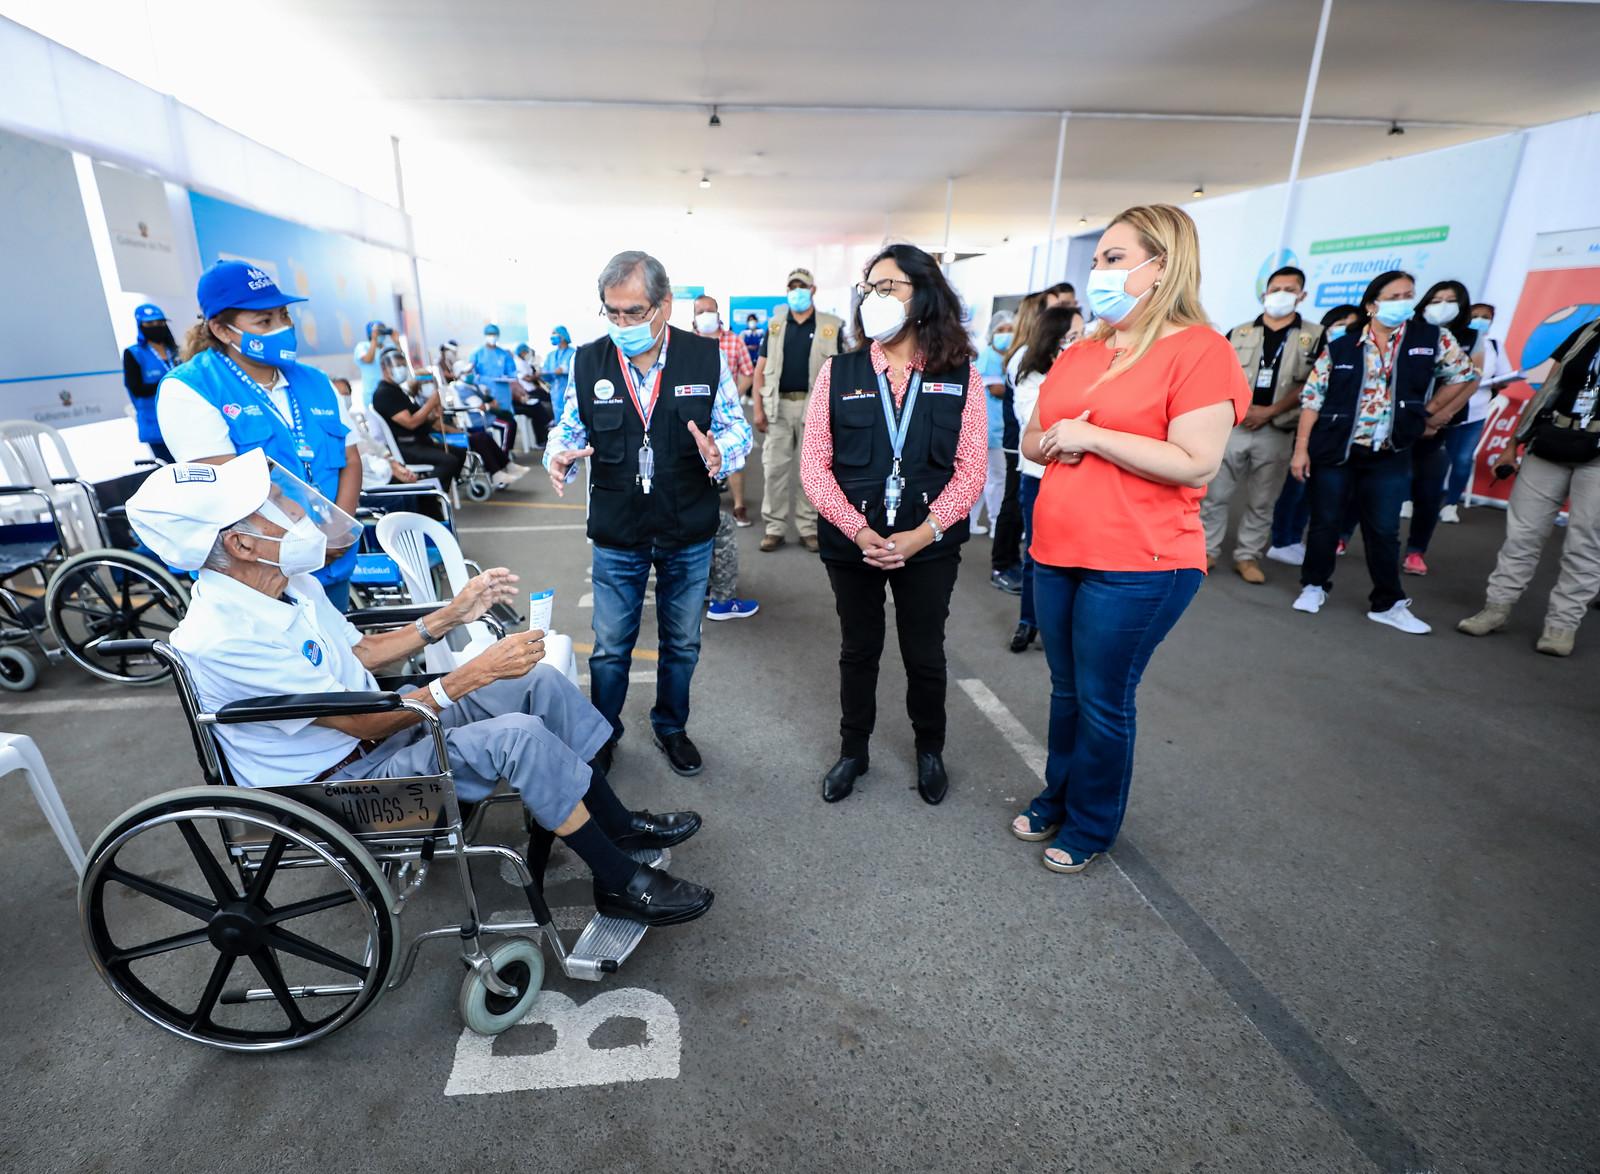 Essalud - Premier Violeta Bermúdez, Ministro de Salud Oscar Ugarte y Presidenta Ejecutiva de EsSalud Fiorela Molineli supervisaron la inoculación en el vacunatorio Parque de las Leyendas